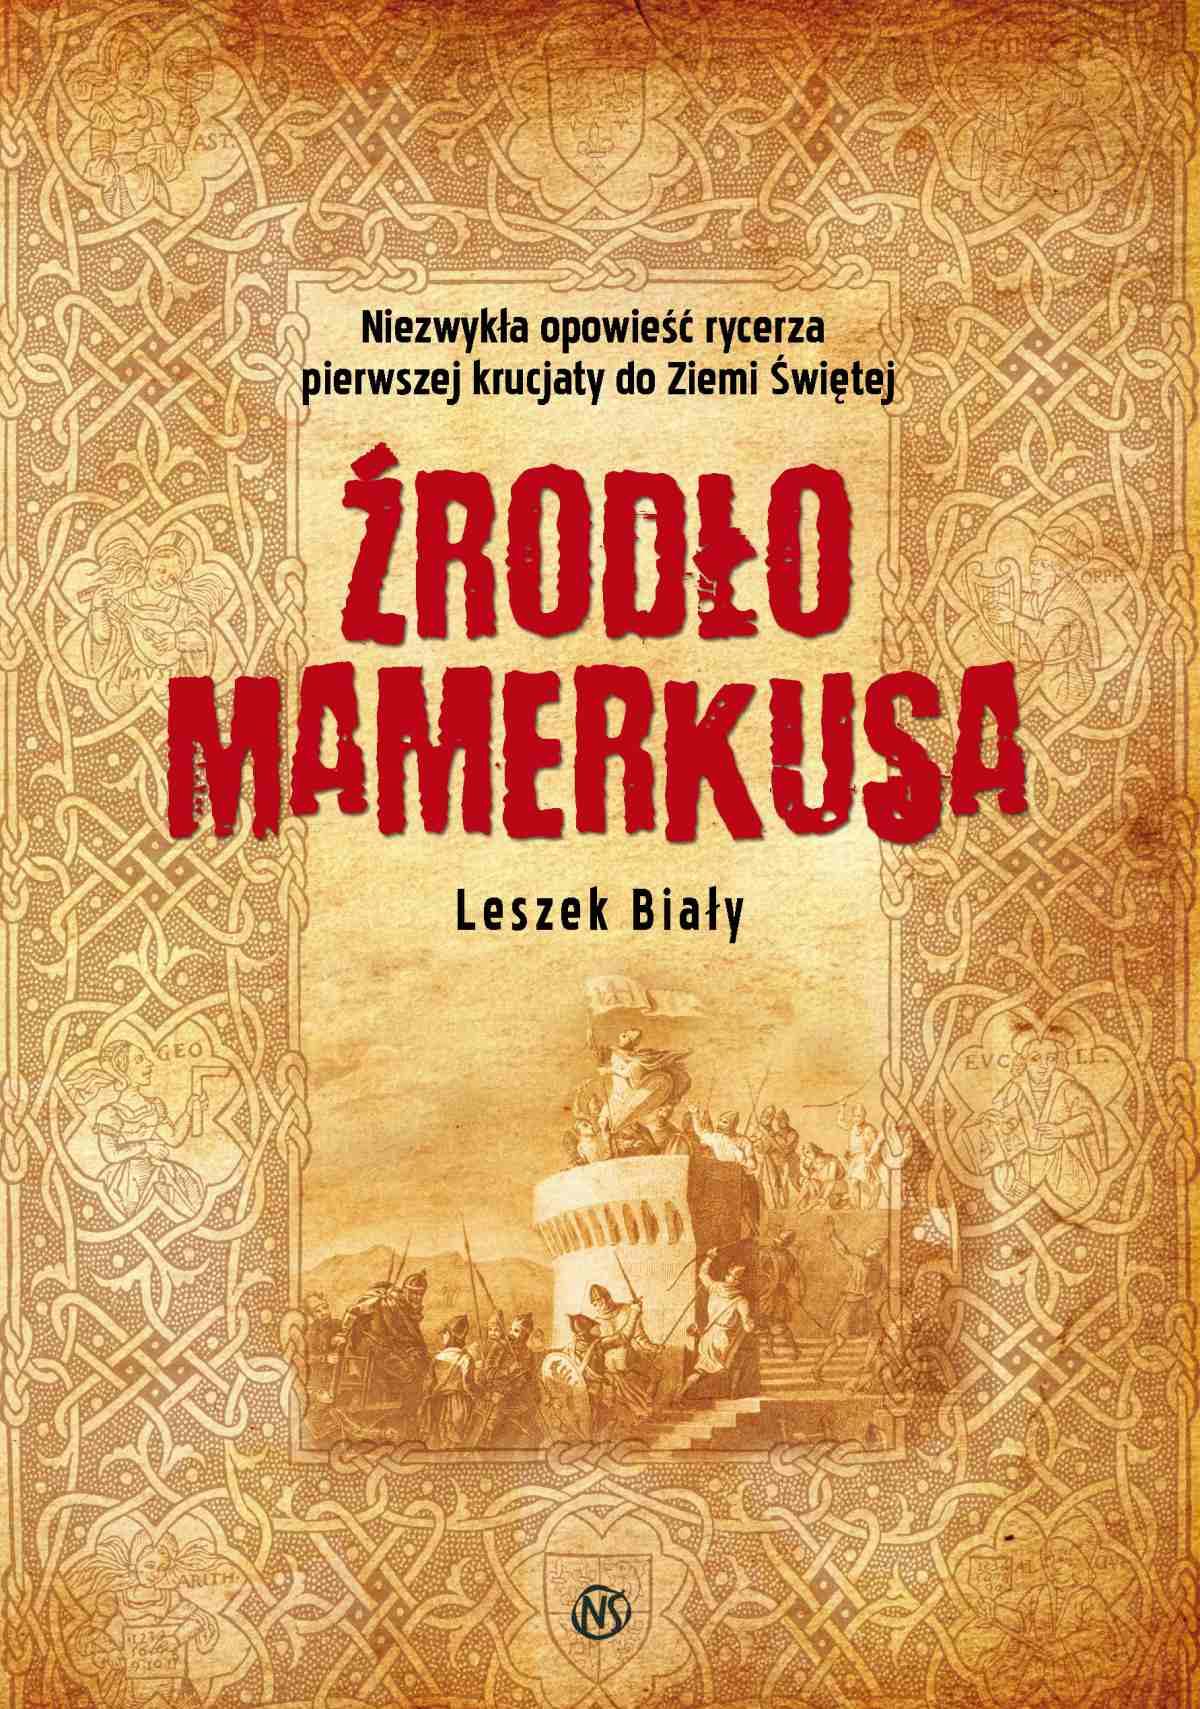 Źródło Mamerkusa - Ebook (Książka EPUB) do pobrania w formacie EPUB